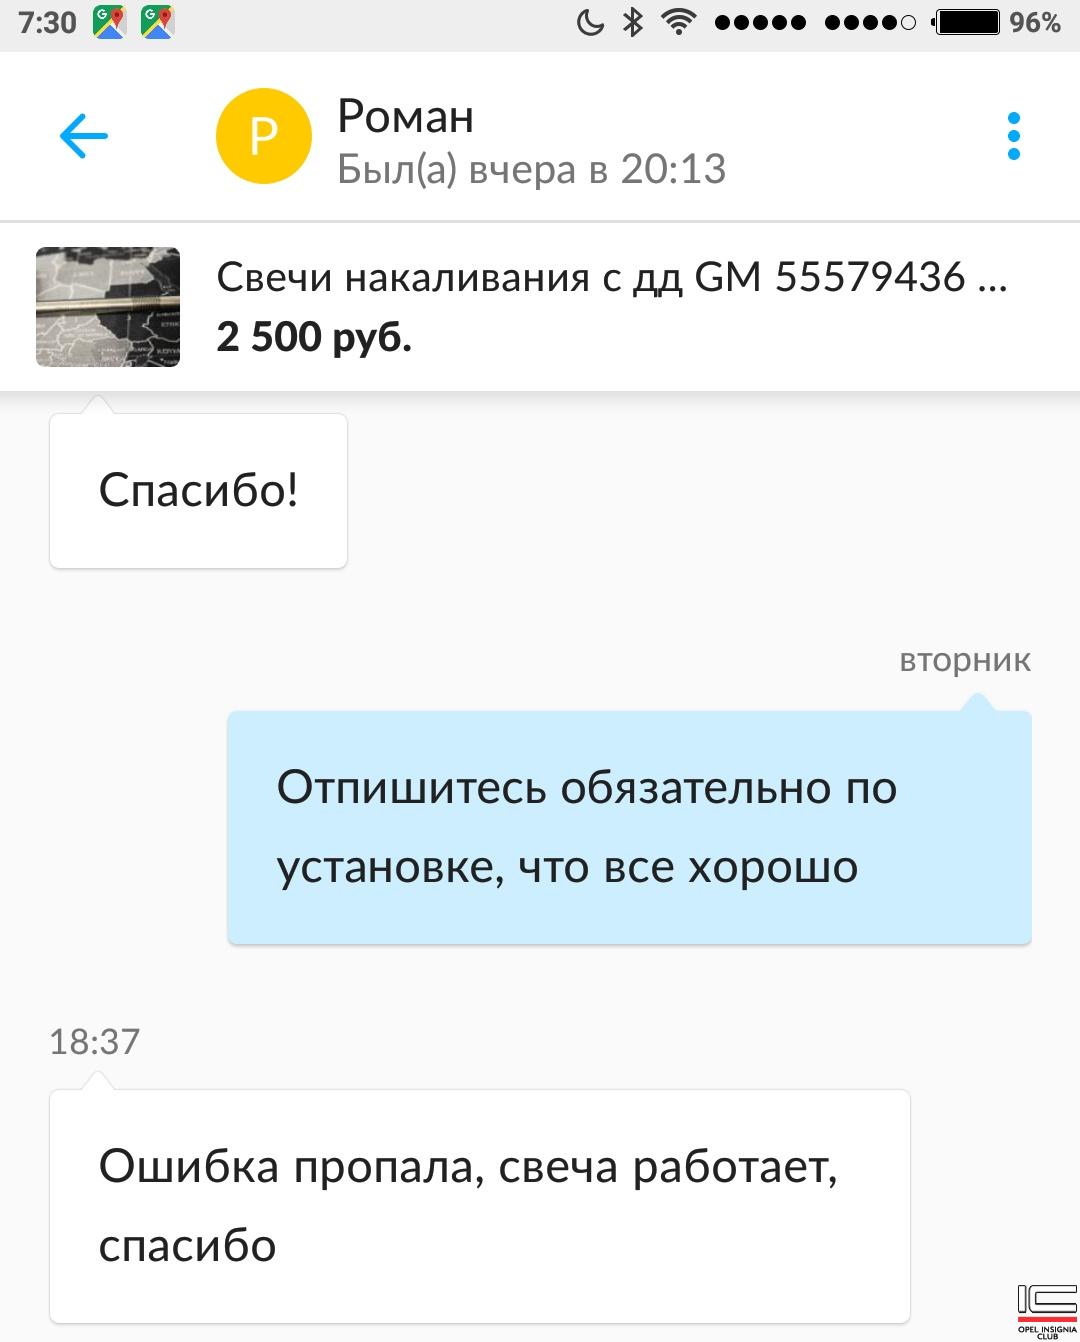 Screenshot_2018-05-11-07-30-25-518_com.avito.android.png